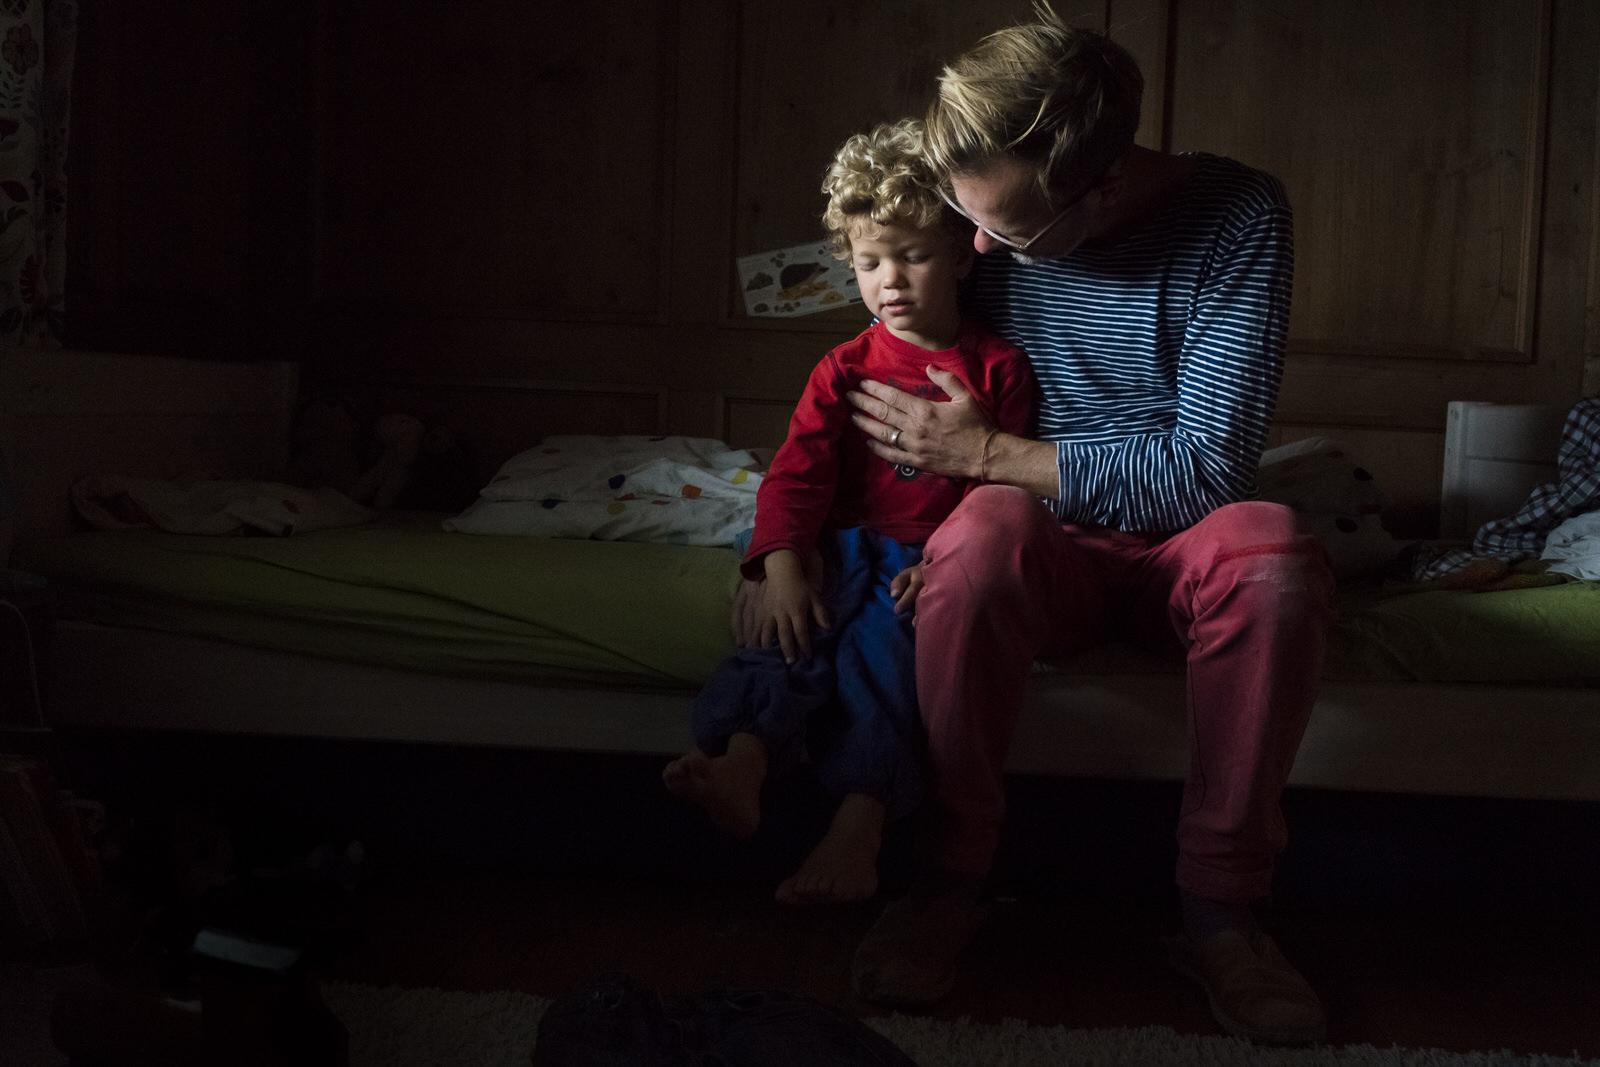 Vater und Sohn - Familienfotografin unterwegs | Familienfotos drinnen und draussen